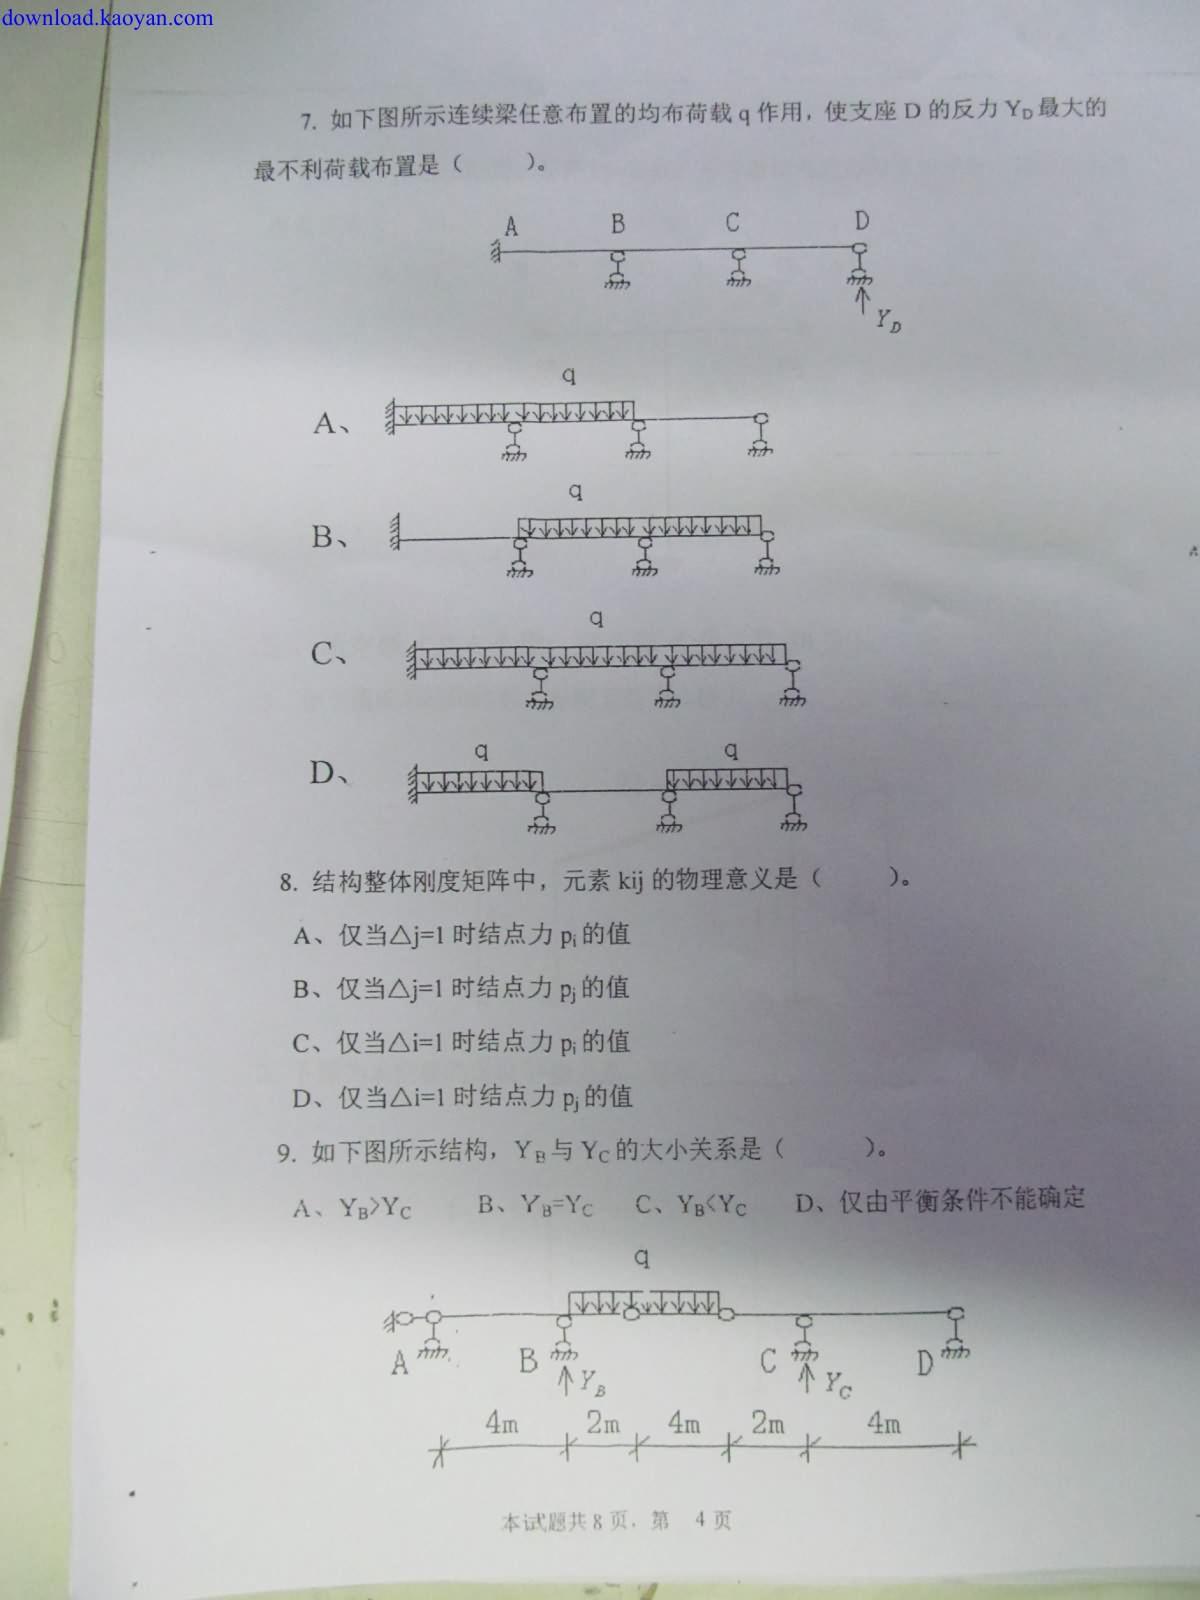 2011年内蒙古工业大学结构力学考研试题